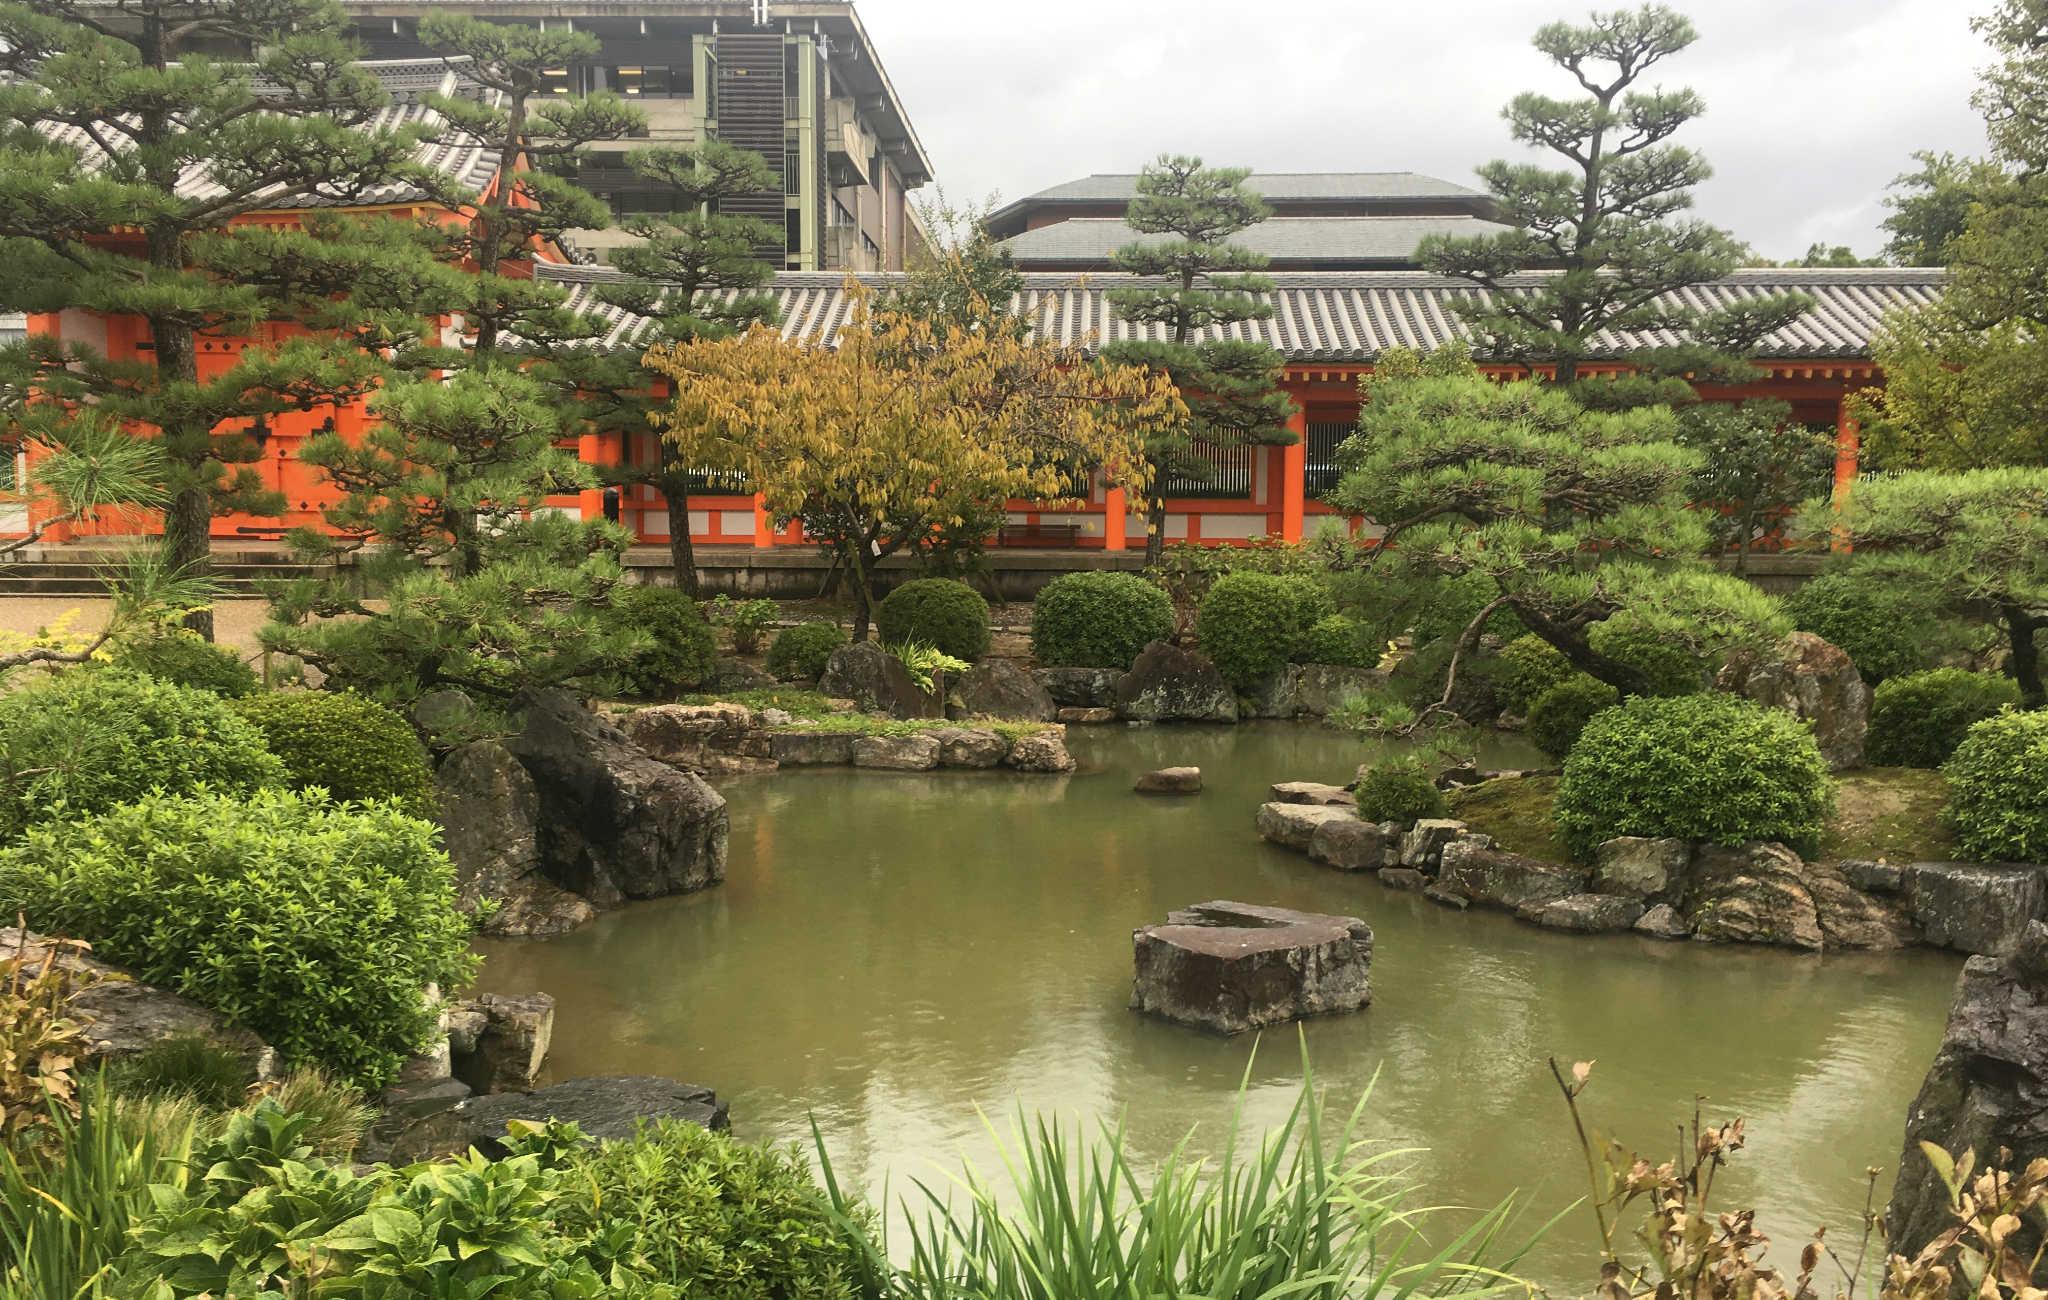 Le jardin est tout aussi remarquable, organisé autour d'un étang